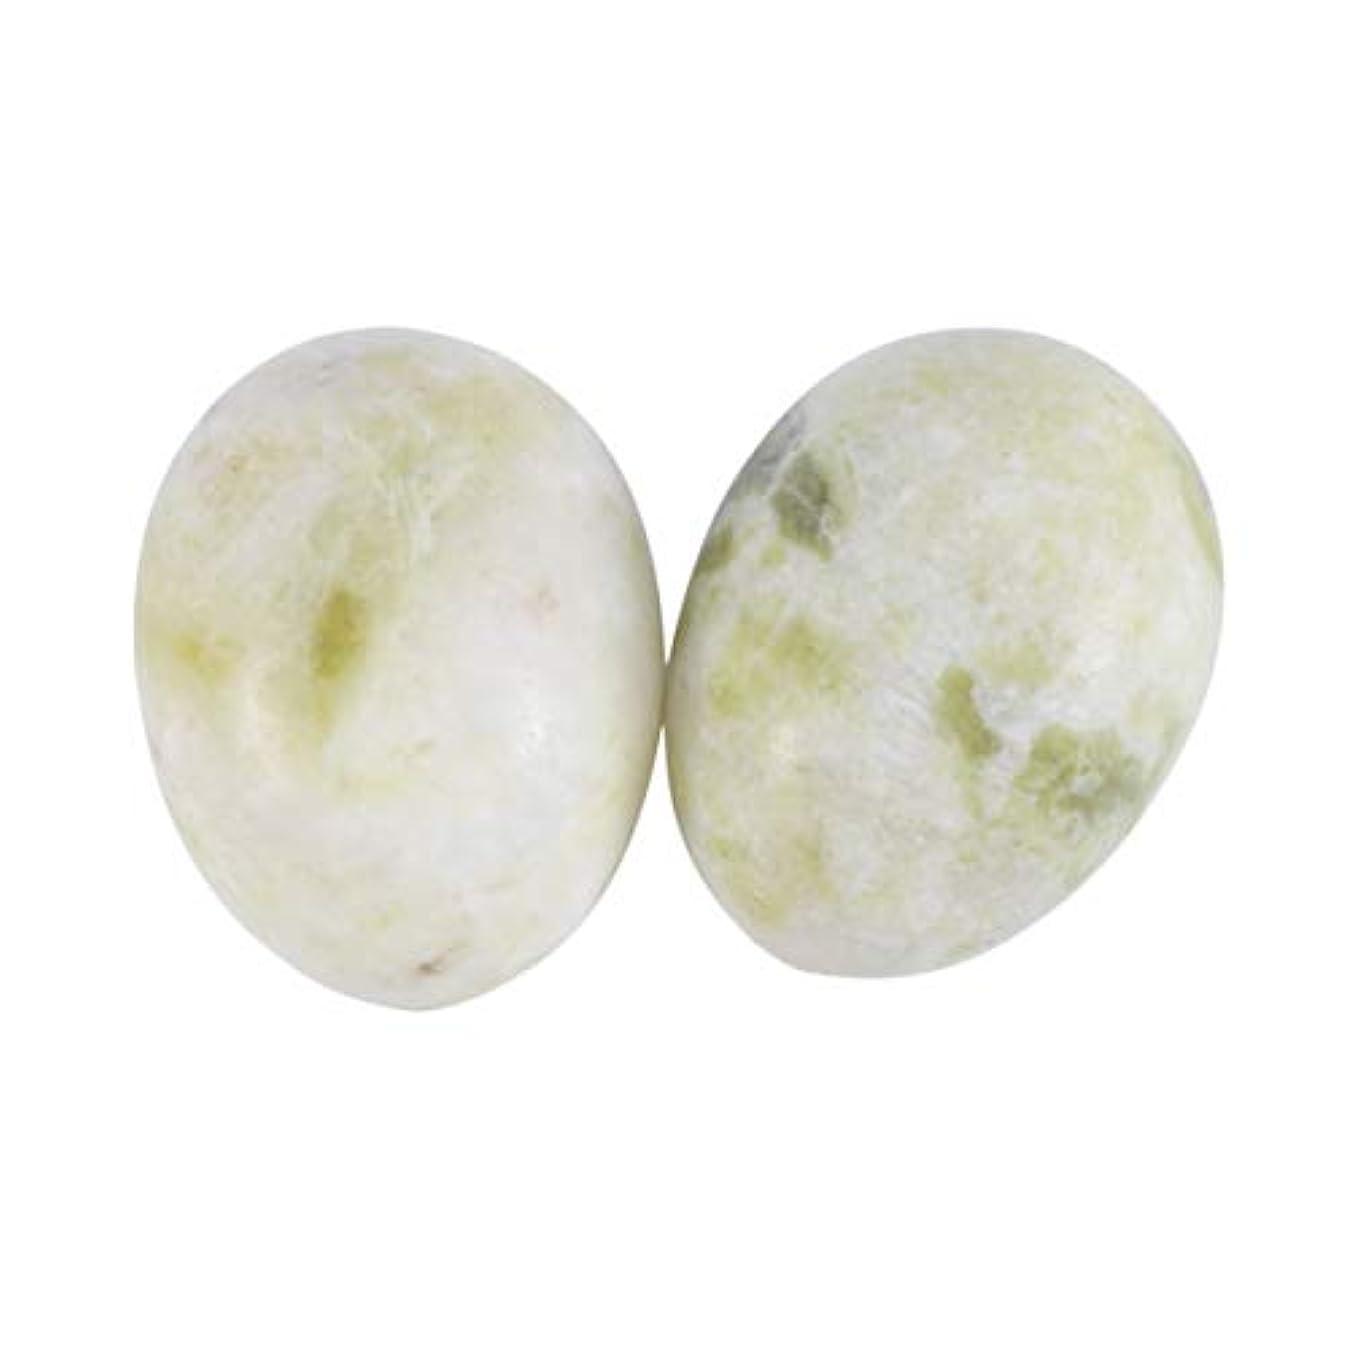 忌まわしい代わりの毎日SUPVOX 6本ネフライトジェイドヨニエッグジェイドヨニマッサージストーンチャクラ骨盤筋肉癒しの卵マッサージケゲルエクササイズ(Lantian Jade Egg)